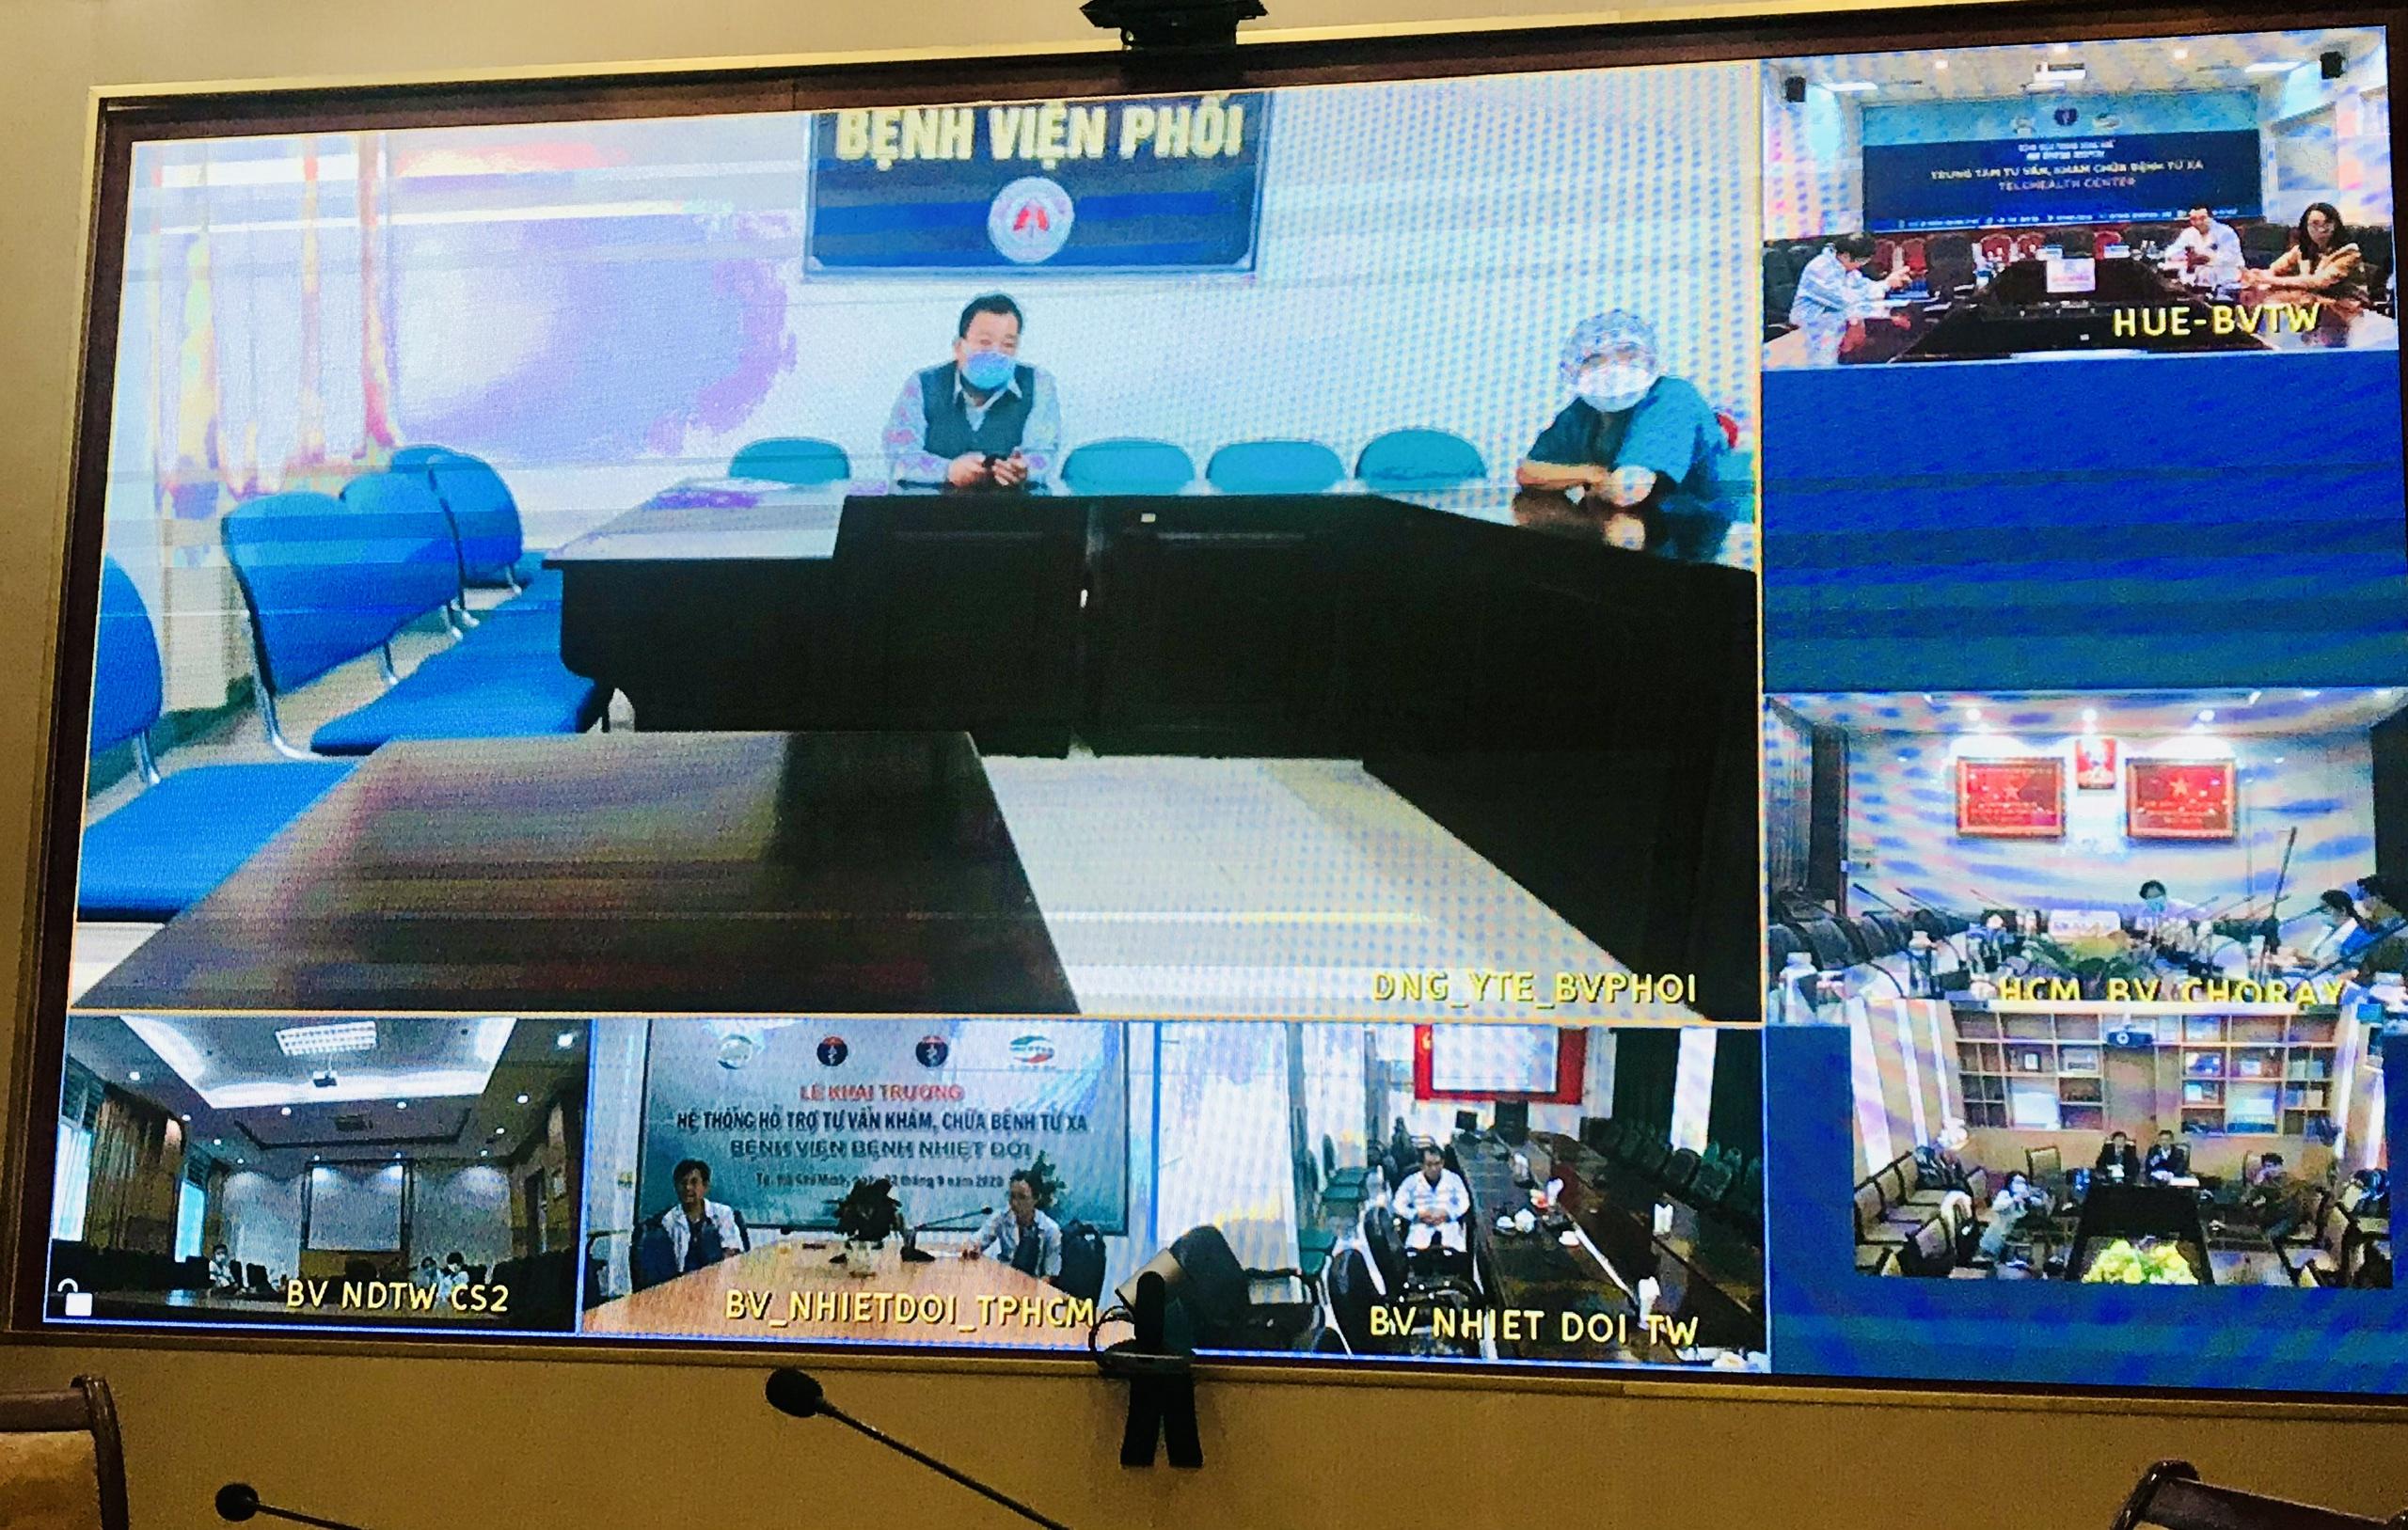 Bệnh nhân COVID-19 nặng nhất Việt Nam đã khỏi bệnh, từ Đà Nẵng về TPHCM tiếp tục điều trị bệnh nền - Ảnh 2.